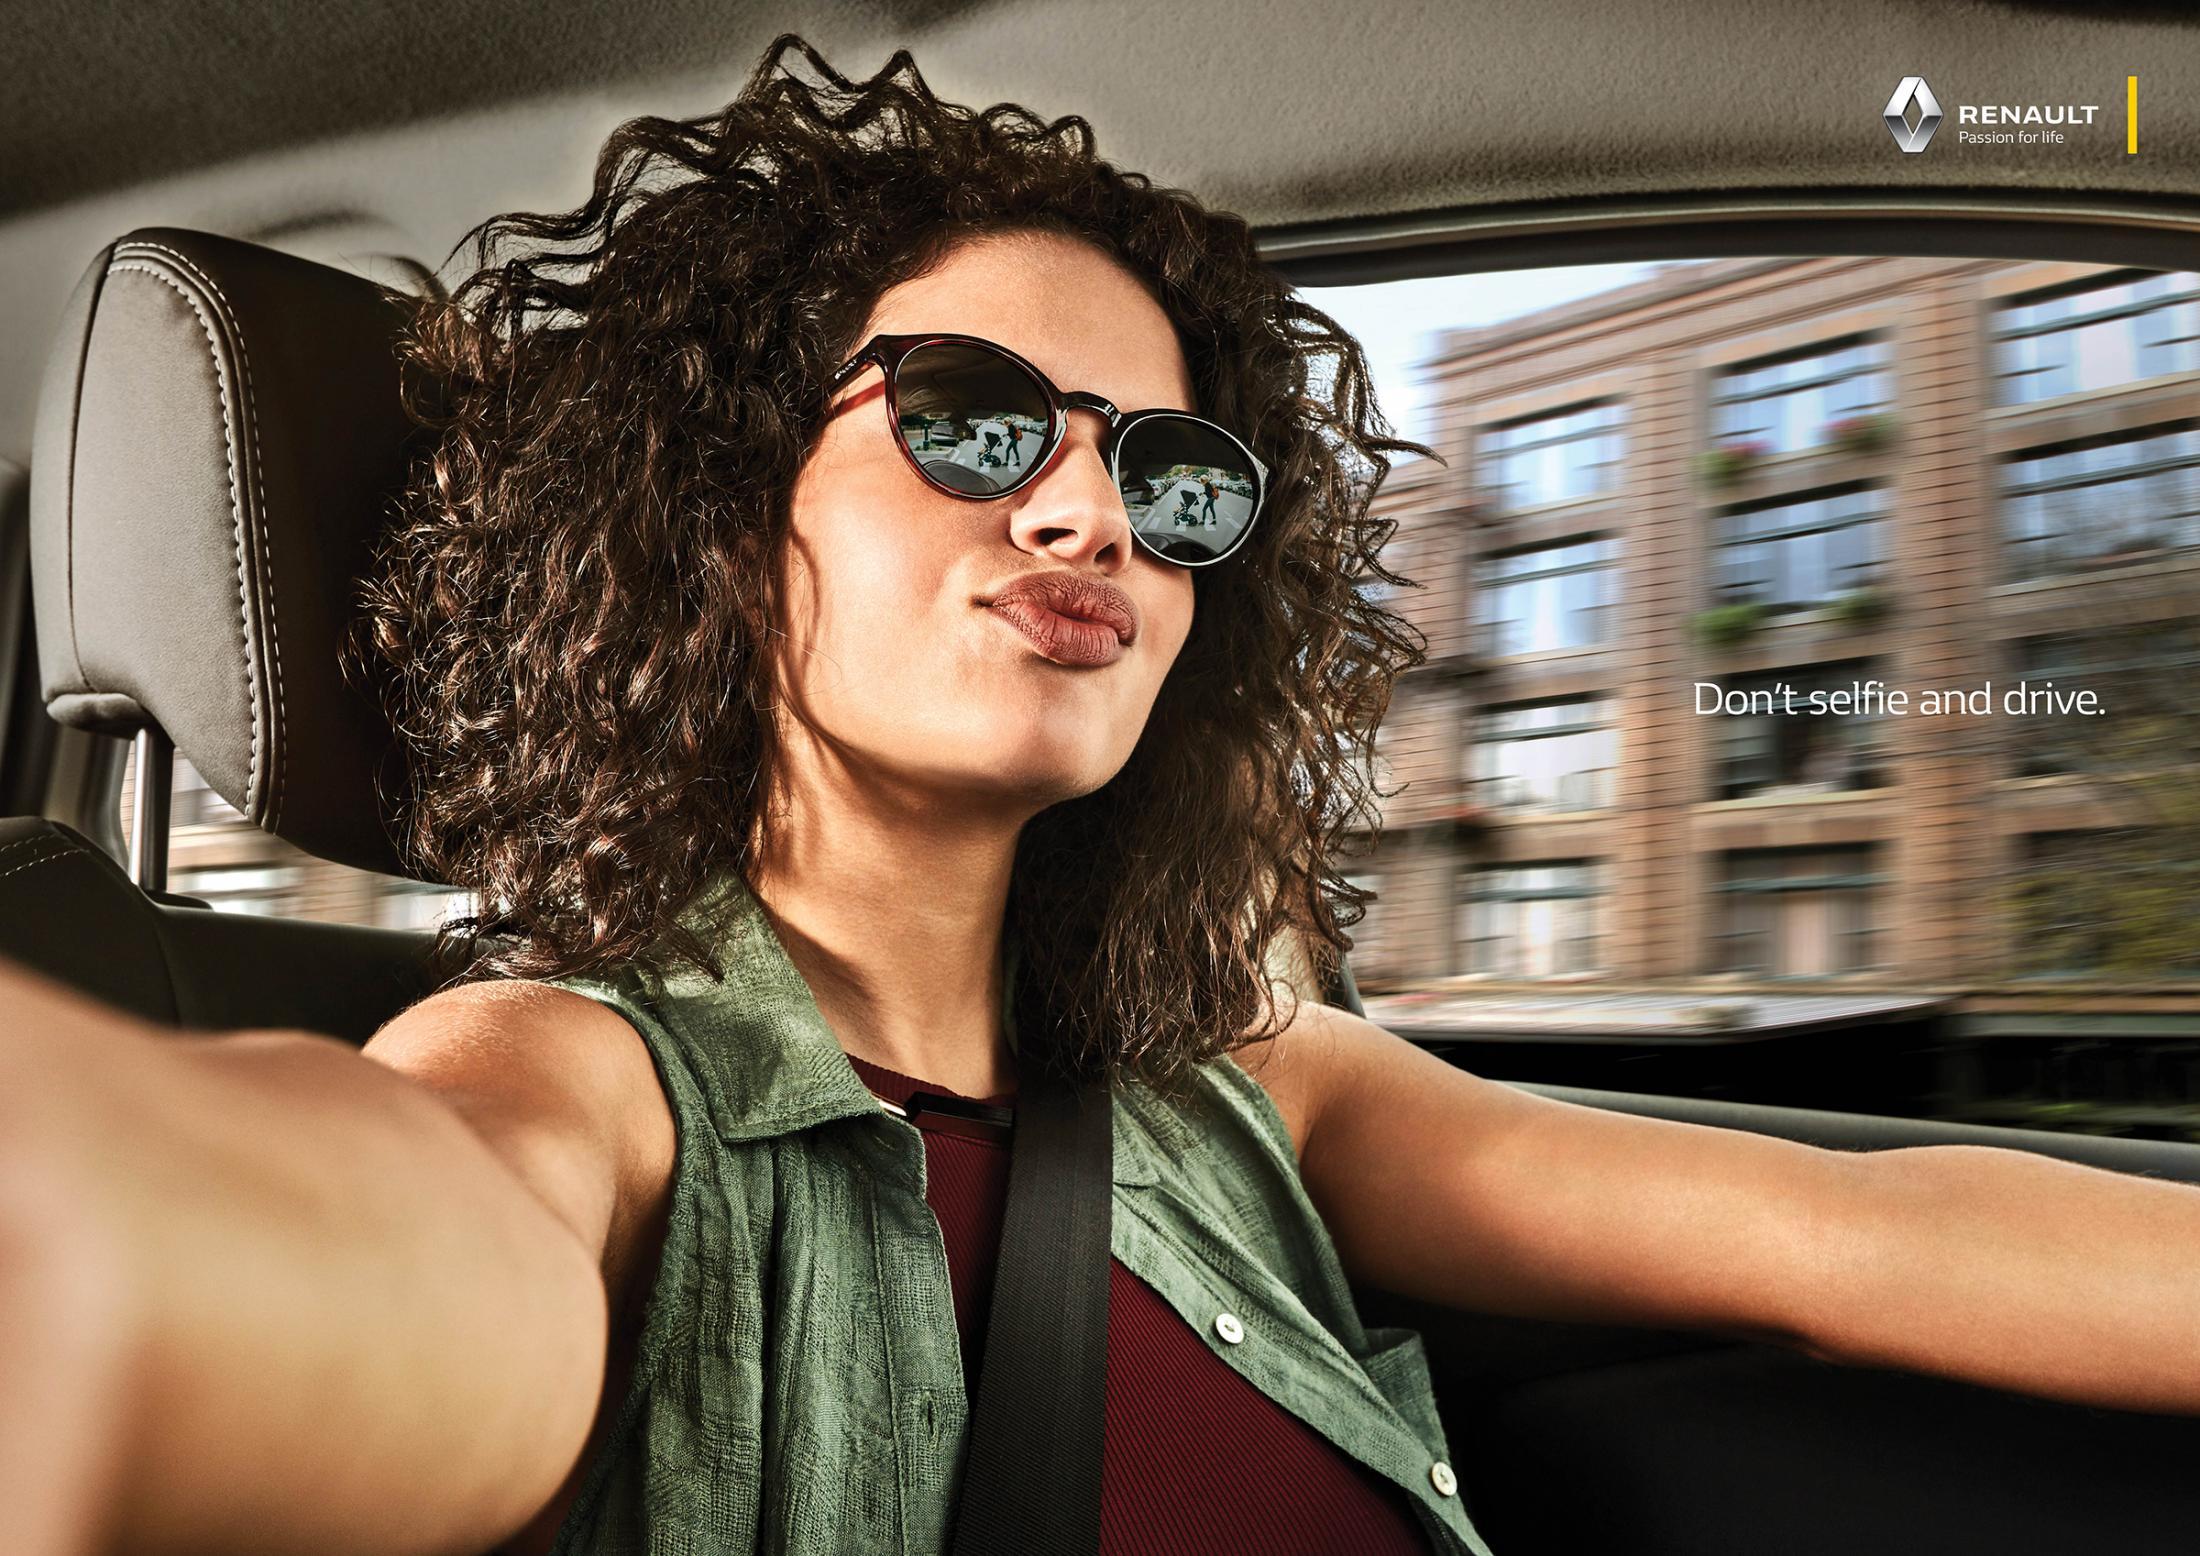 Renault Print Ad - Selfies, 1